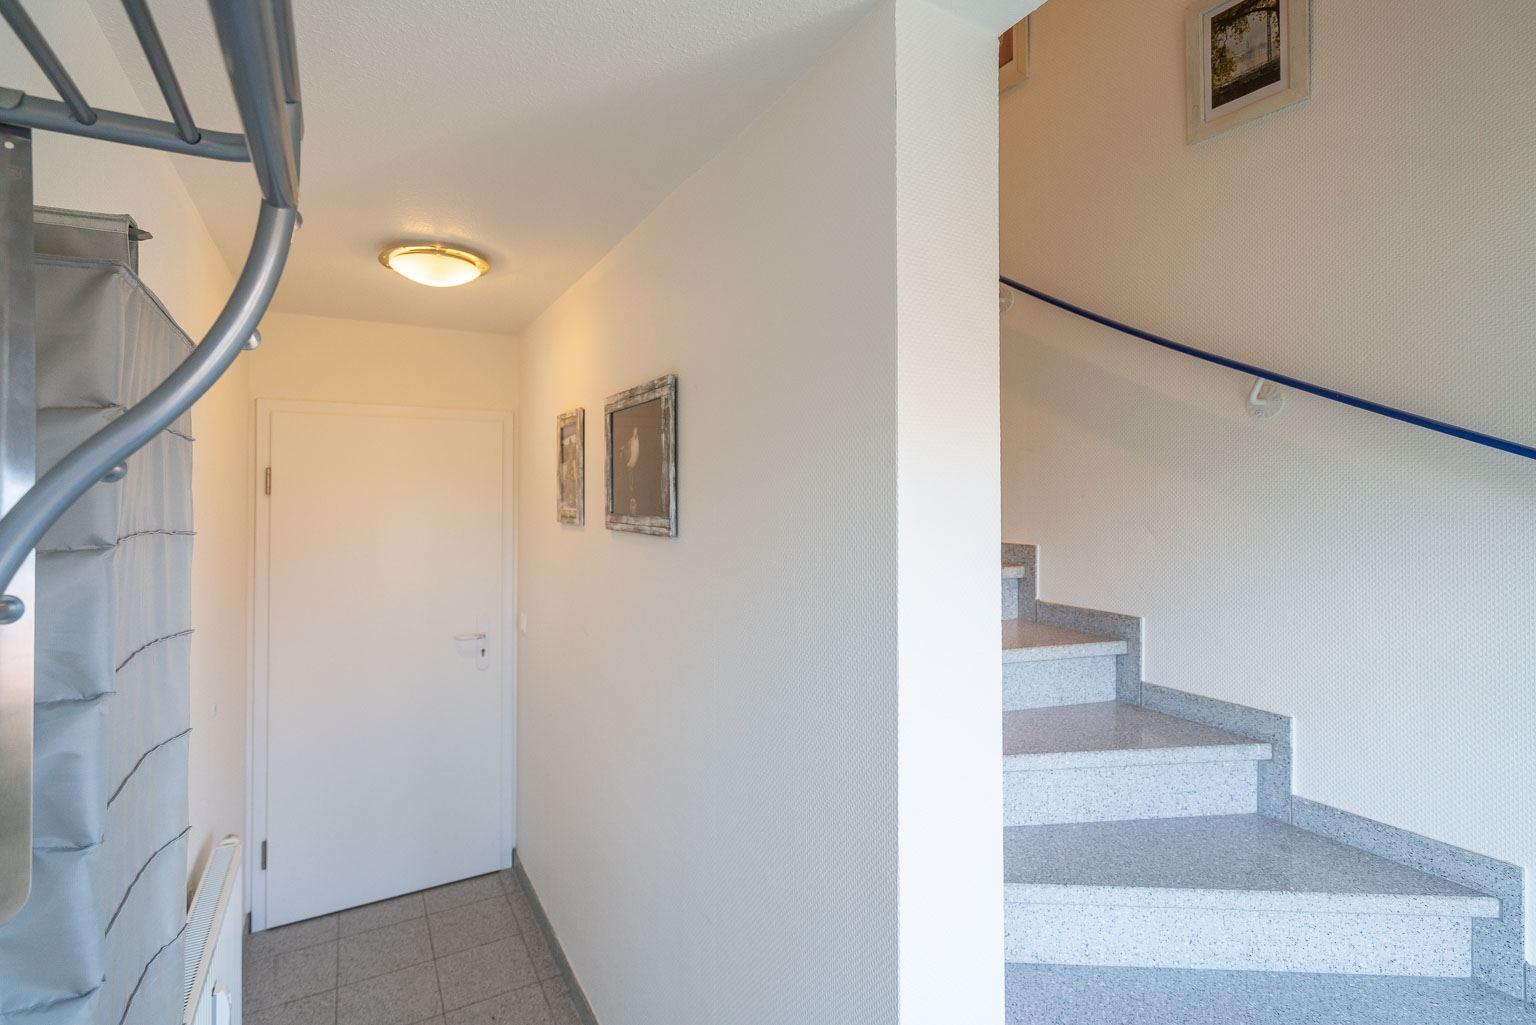 """Haus Zum Böhler Strand 10, Wohnung 11 """"Barghahn"""" (ID 365) - Flur Eingangsbereich"""